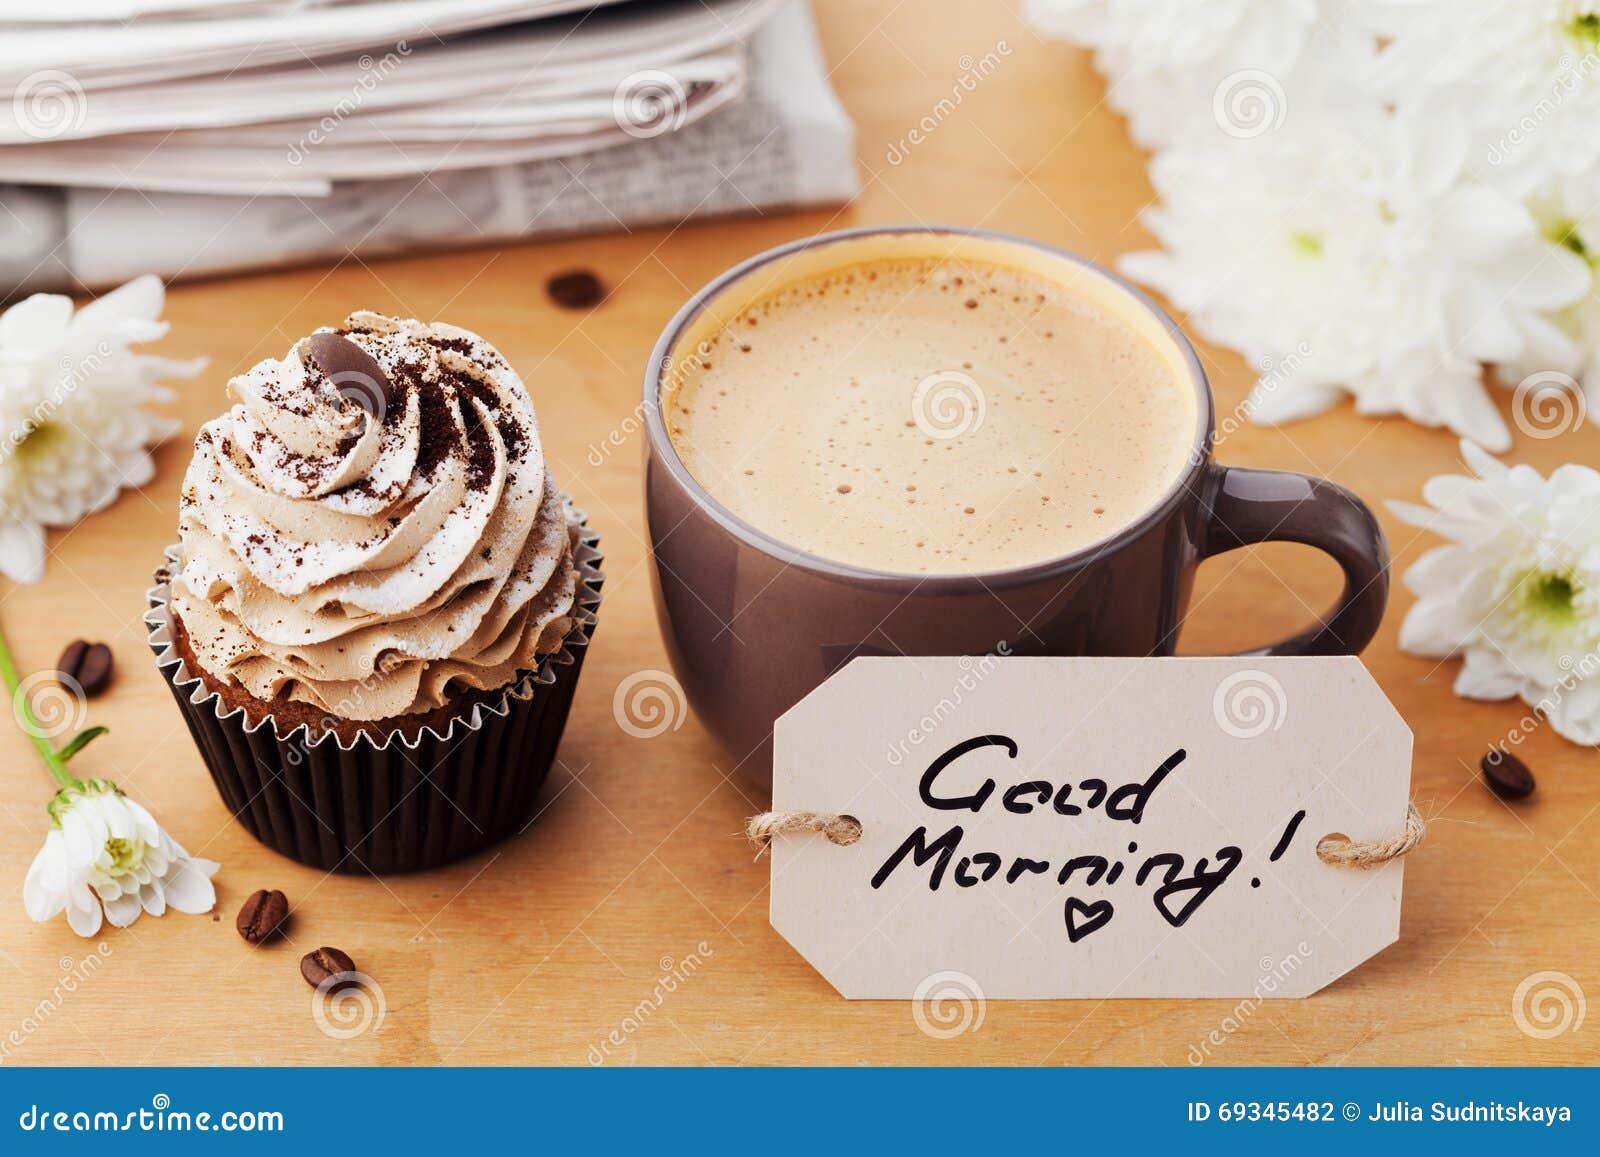 tasse de caf avec bonjour petit g teau fleurs journal et notes sur la table rustique dessert. Black Bedroom Furniture Sets. Home Design Ideas